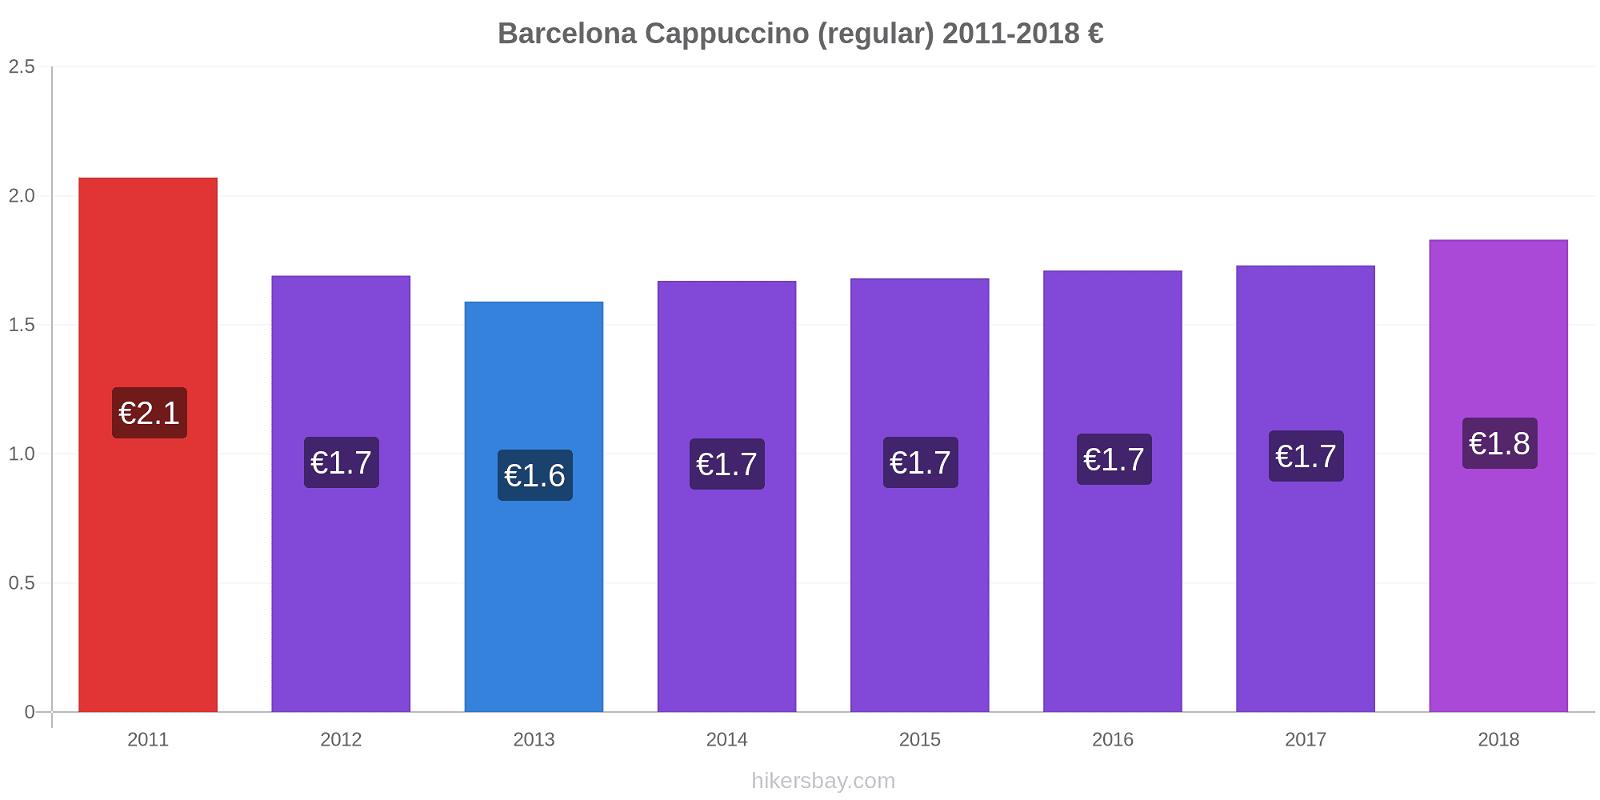 Barcelona price changes Cappuccino (regular) hikersbay.com